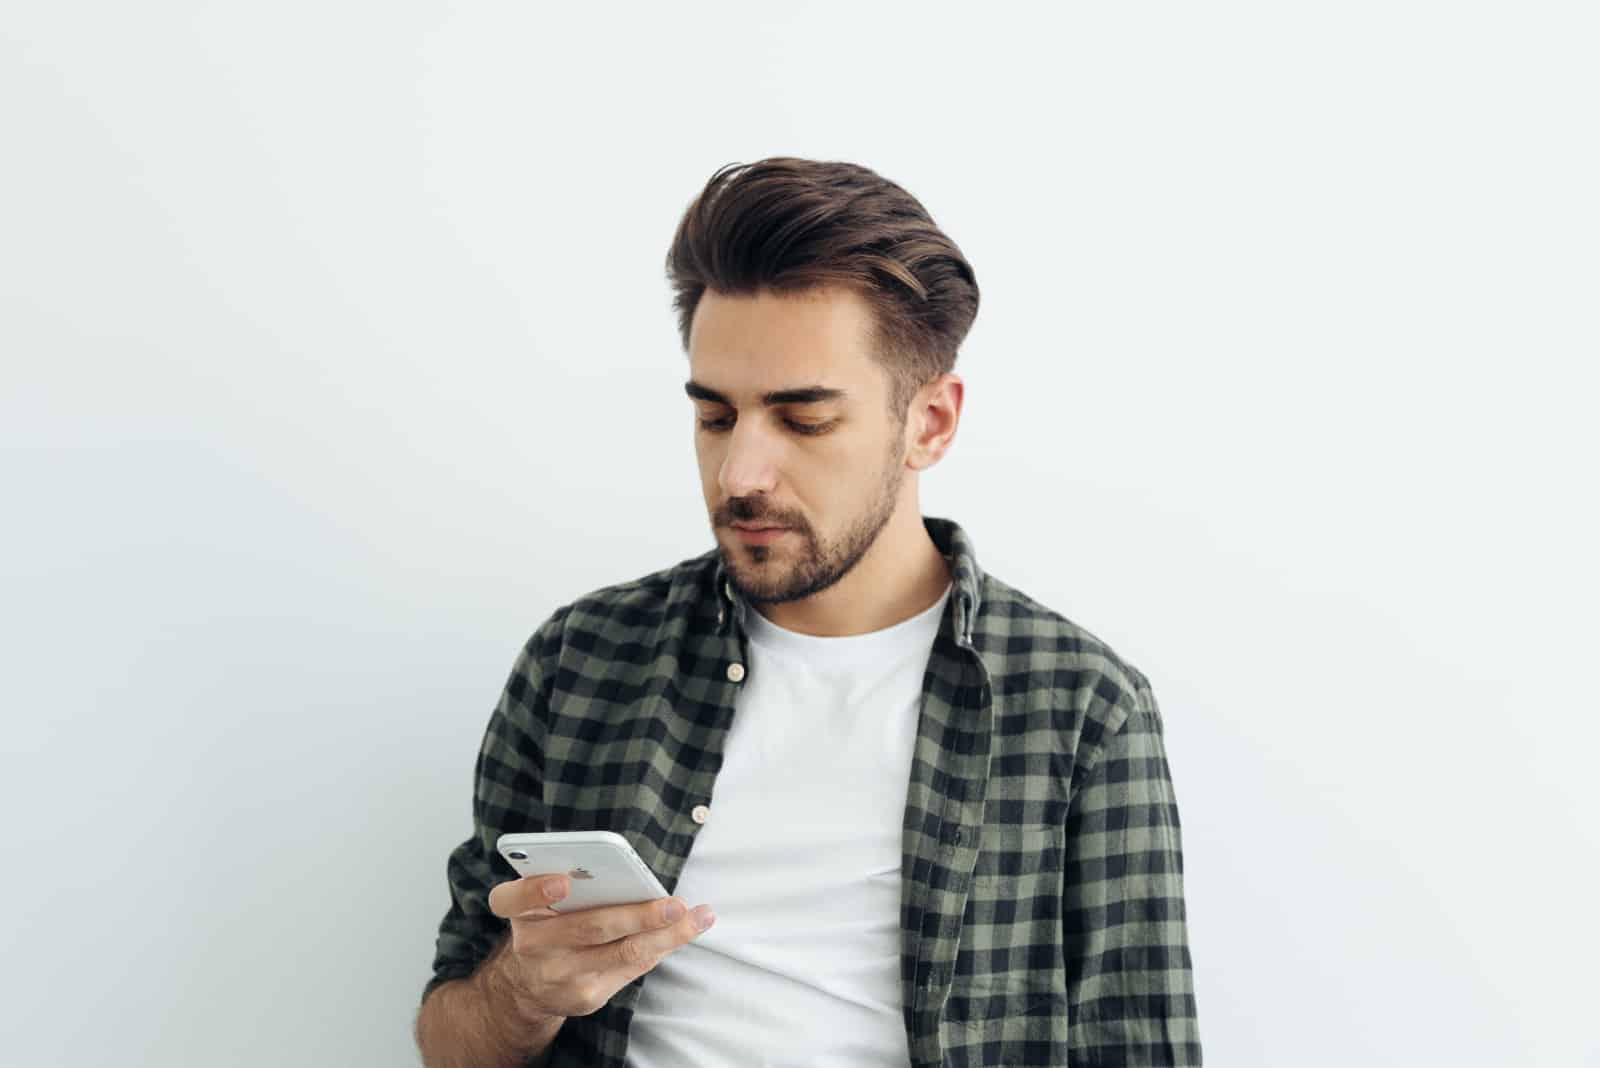 un homme regarde son smartphone en se tenant près d'un mur